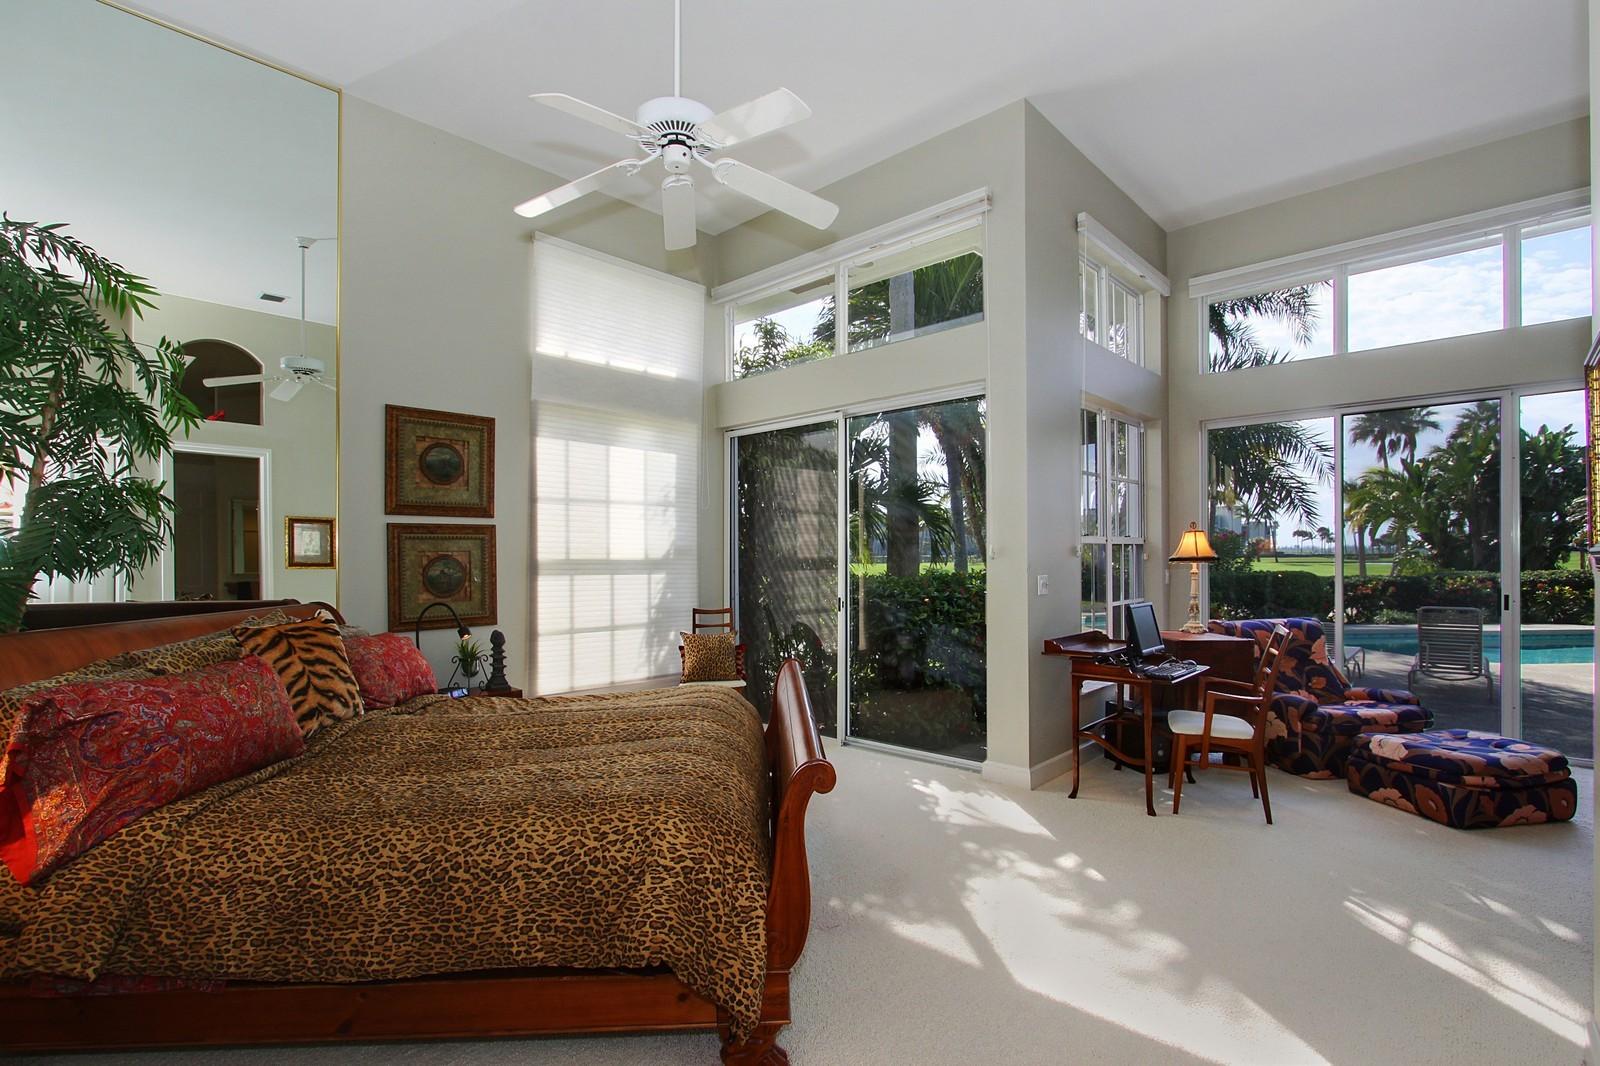 Real Estate Photography - 6930 SE Lakeview Ter, Stuart, FL, 34996 - Master Bedroom